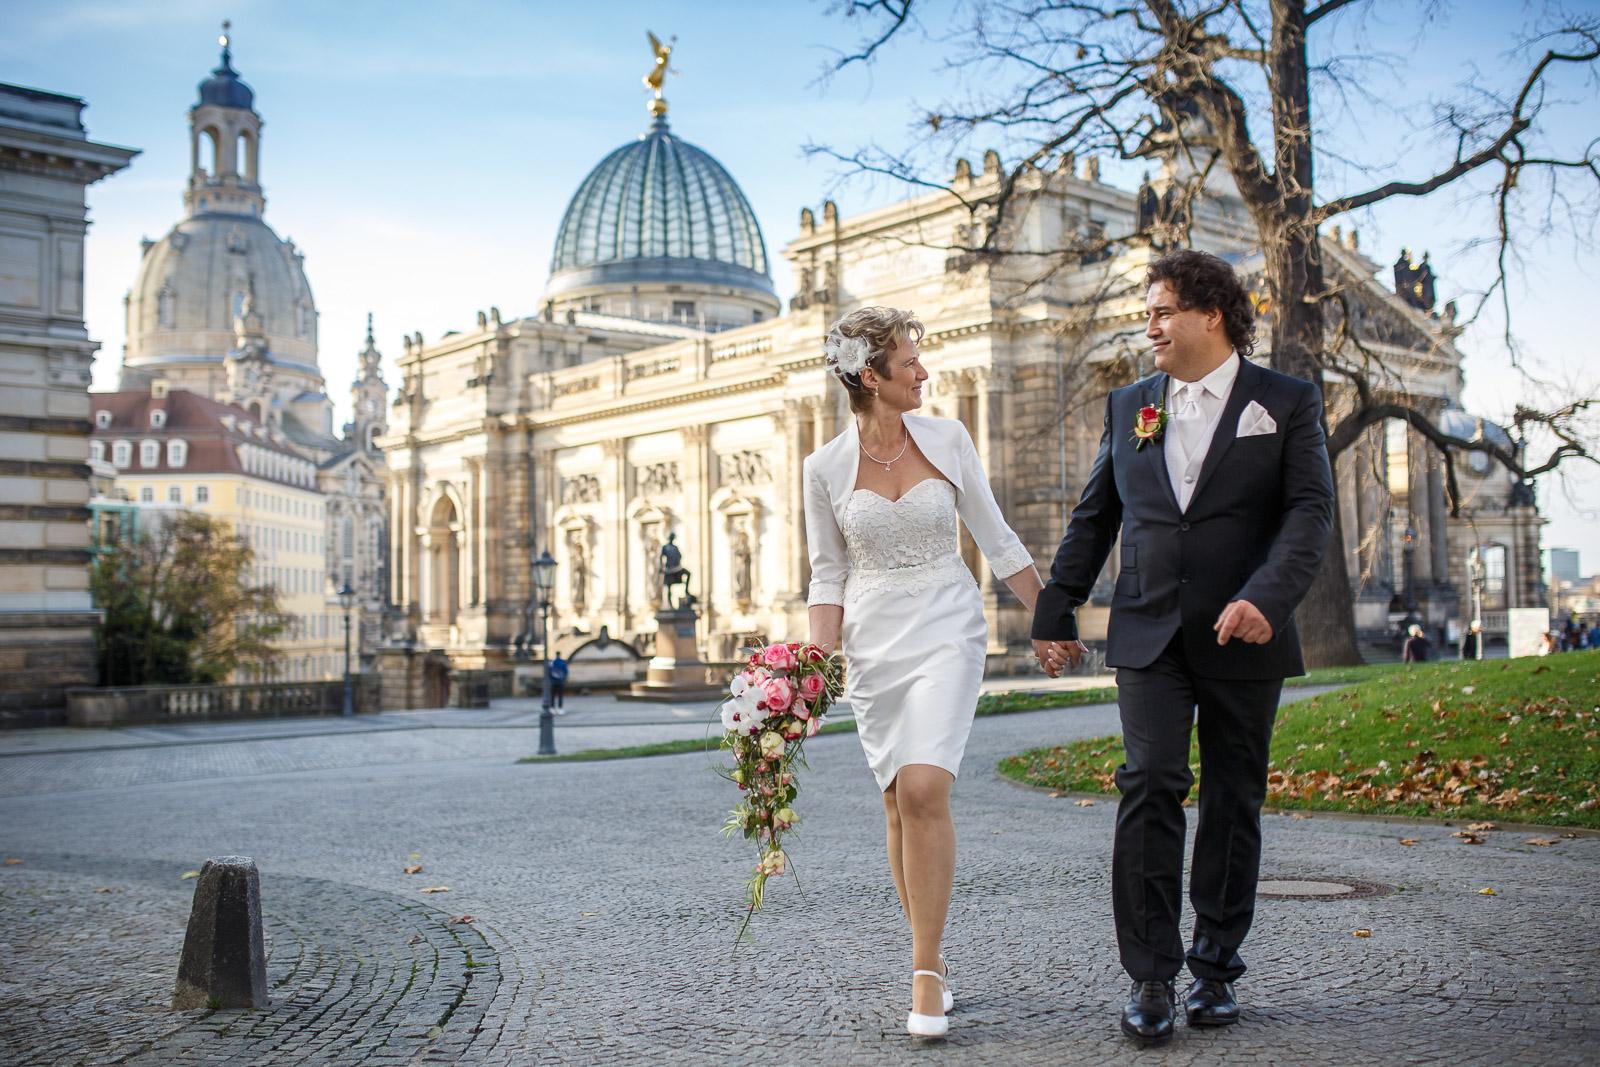 Hochzeitsfotograf Dresden Altstadt Frauenkirche - newpic.eu by Toni Kretschmer